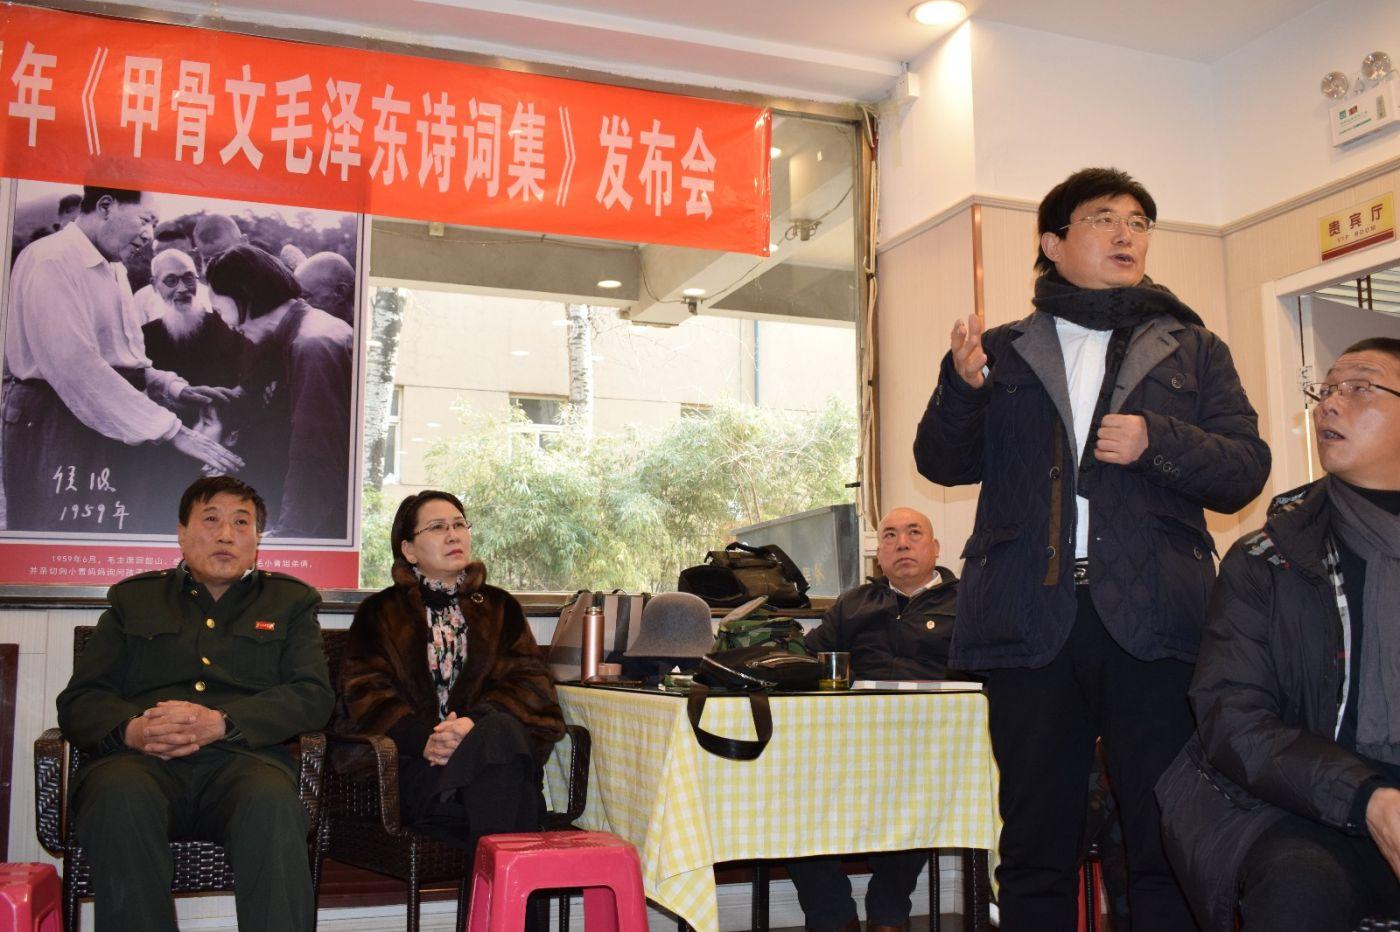 纪念毛泽东诞辰125周年《甲骨文毛泽东诗词集》  出版发布会在京举办 ... ... ..._图1-2